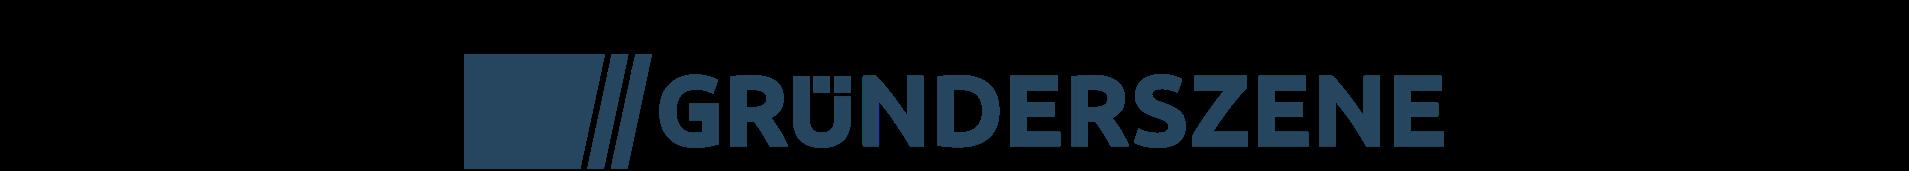 Gründerszene trifft HALM Interview online Logo